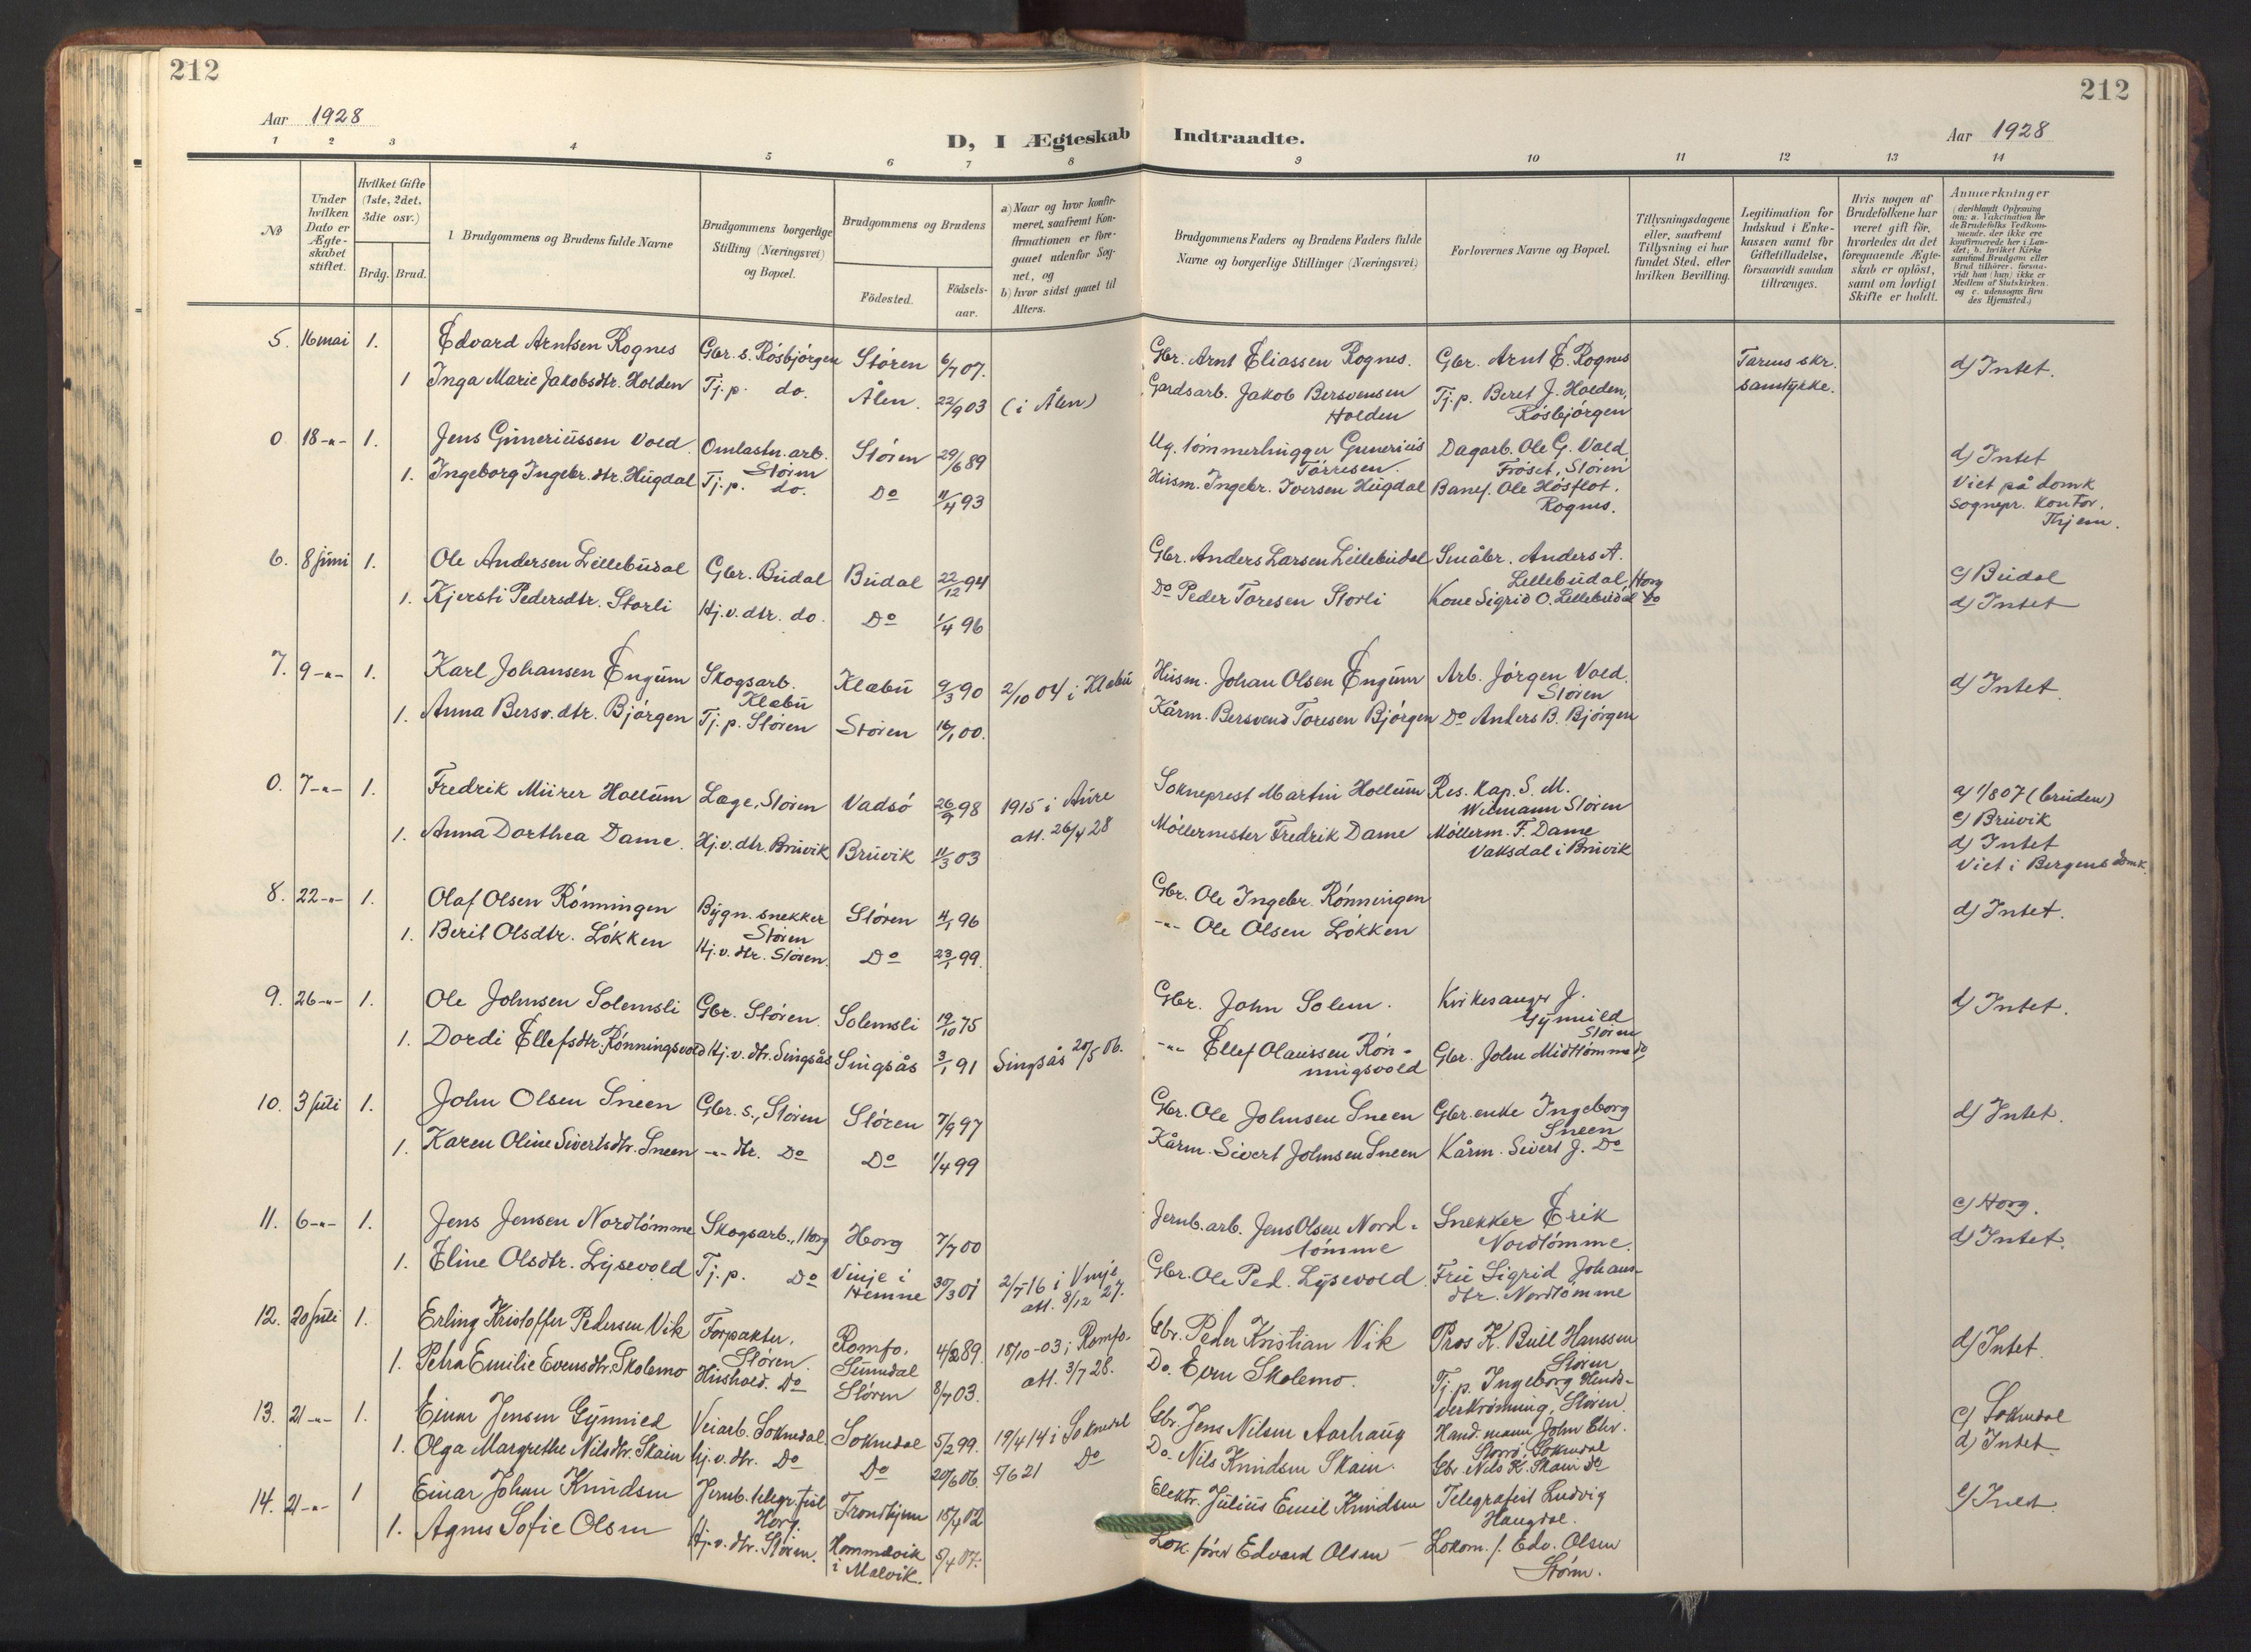 SAT, Ministerialprotokoller, klokkerbøker og fødselsregistre - Sør-Trøndelag, 687/L1019: Klokkerbok nr. 687C03, 1904-1931, s. 212